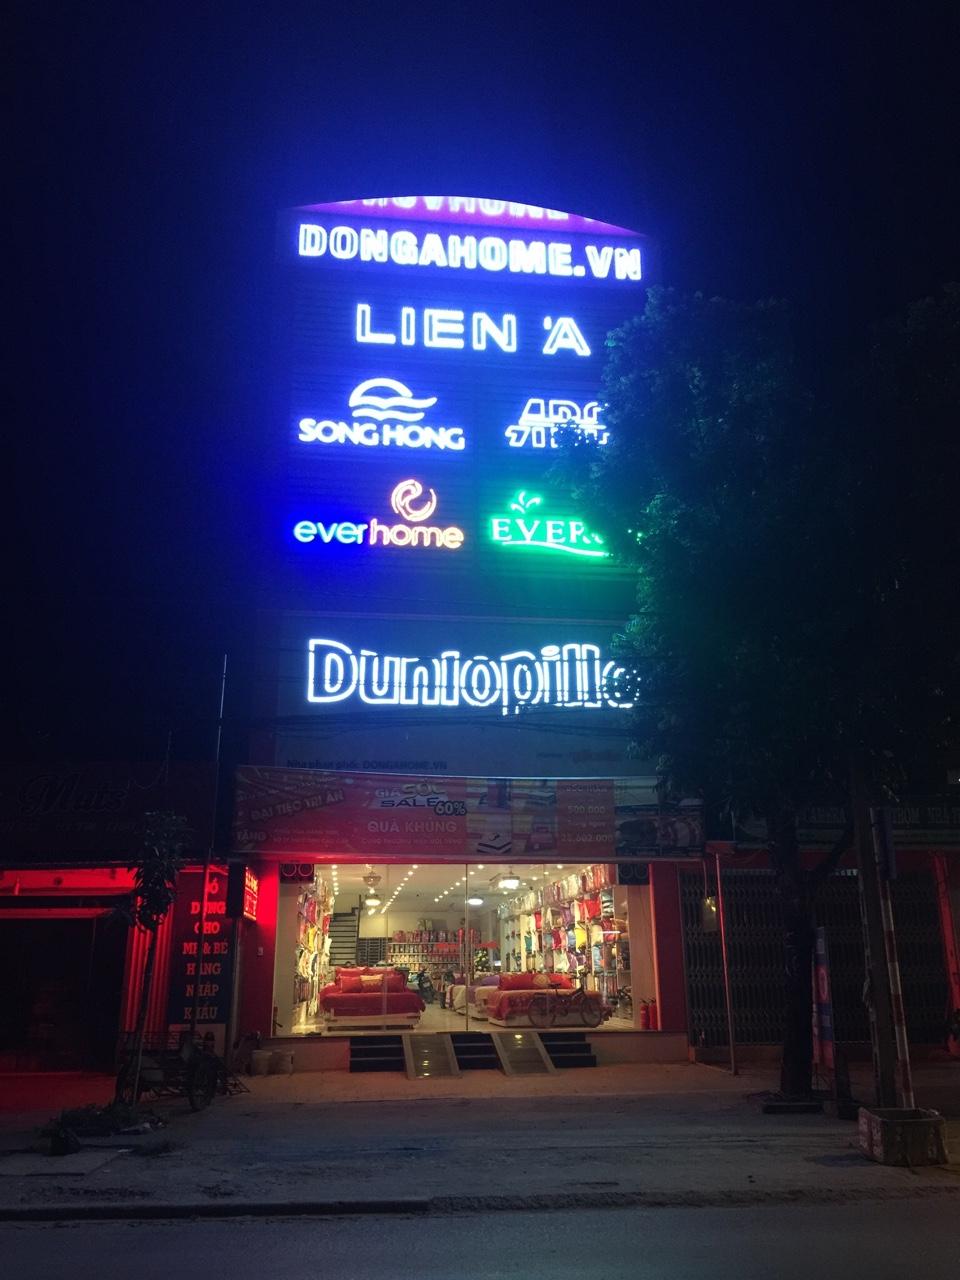 dong-a